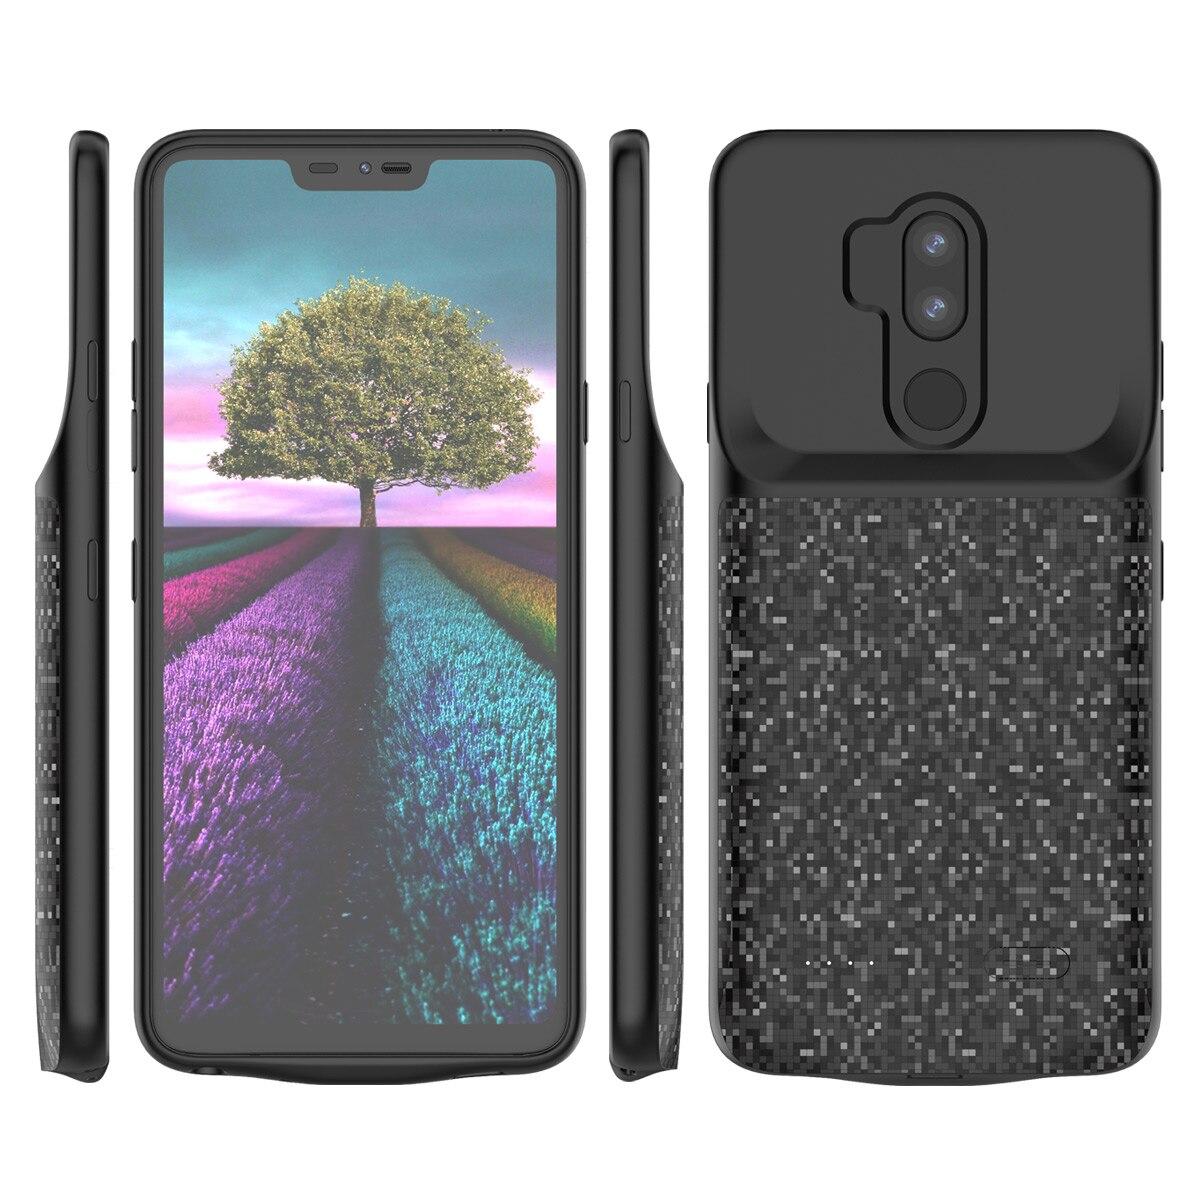 Para LG LG V40 G7 ThinQ LG V30 Telefone Caso Protetor Caso Carregador de Bateria Externa Backup Carregador Power Bank Carregamento caso de telefone